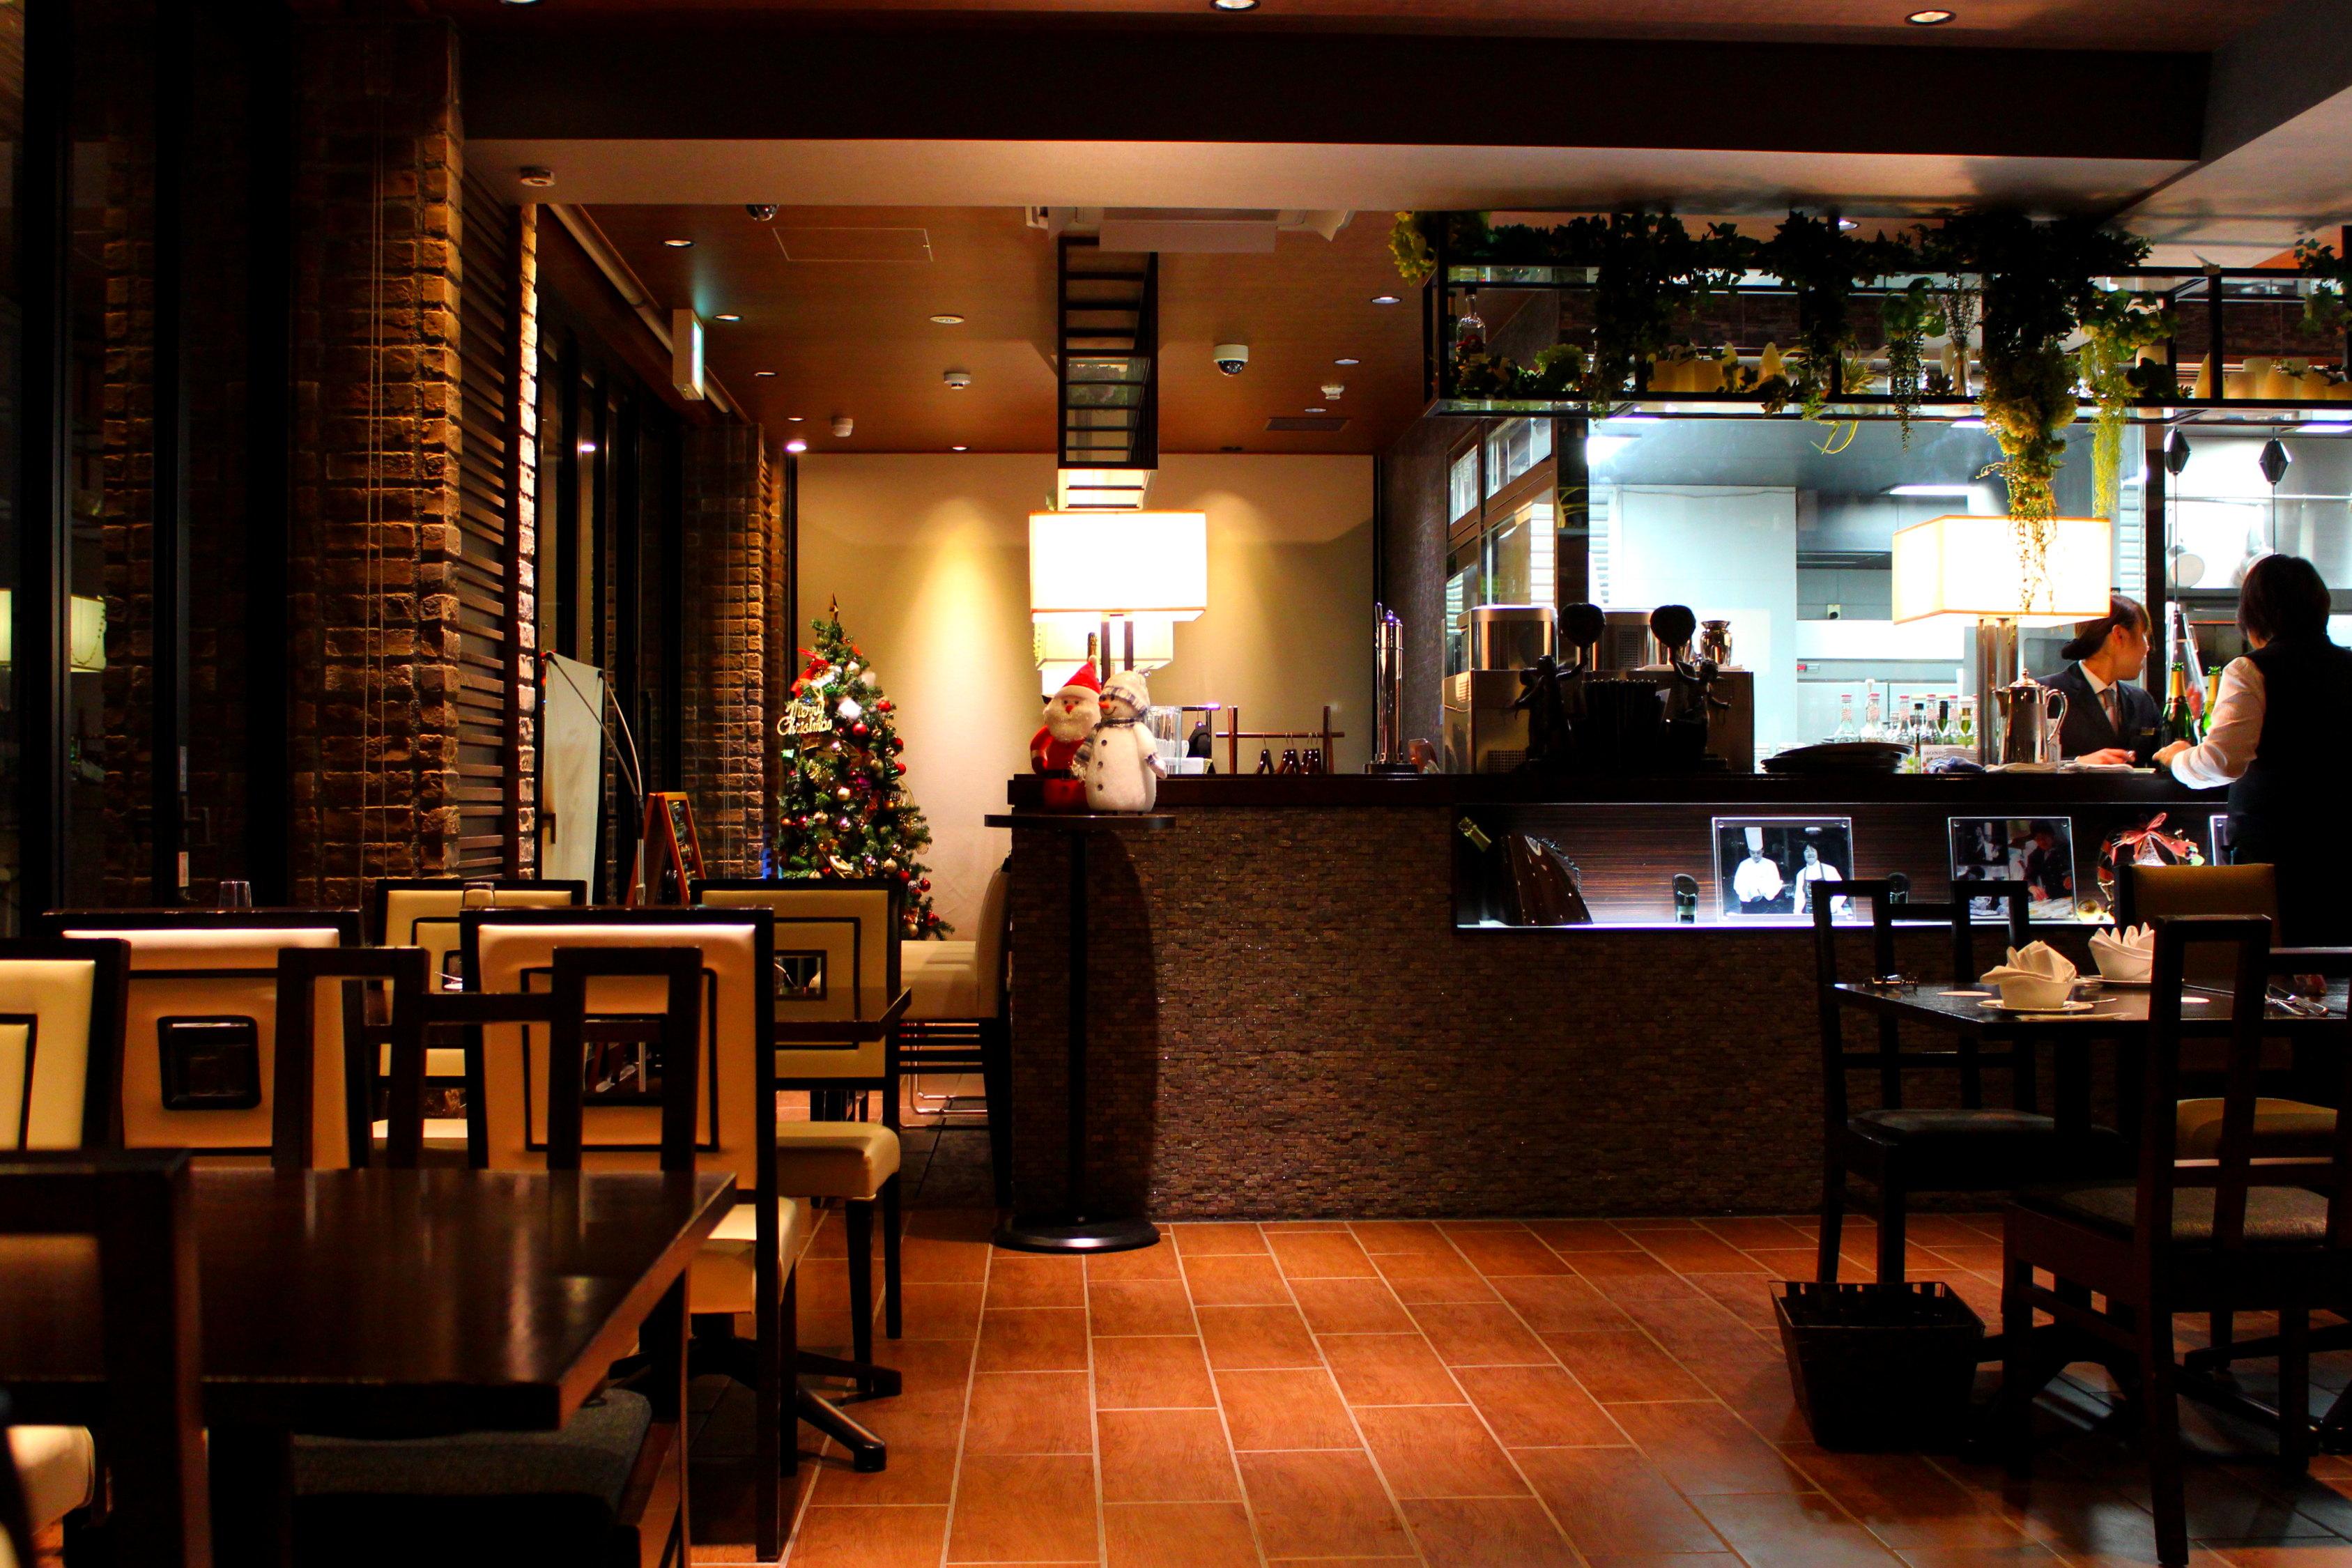 【ラ・シャンス】ミシュラン1つ星!環水公園のフランス料理店